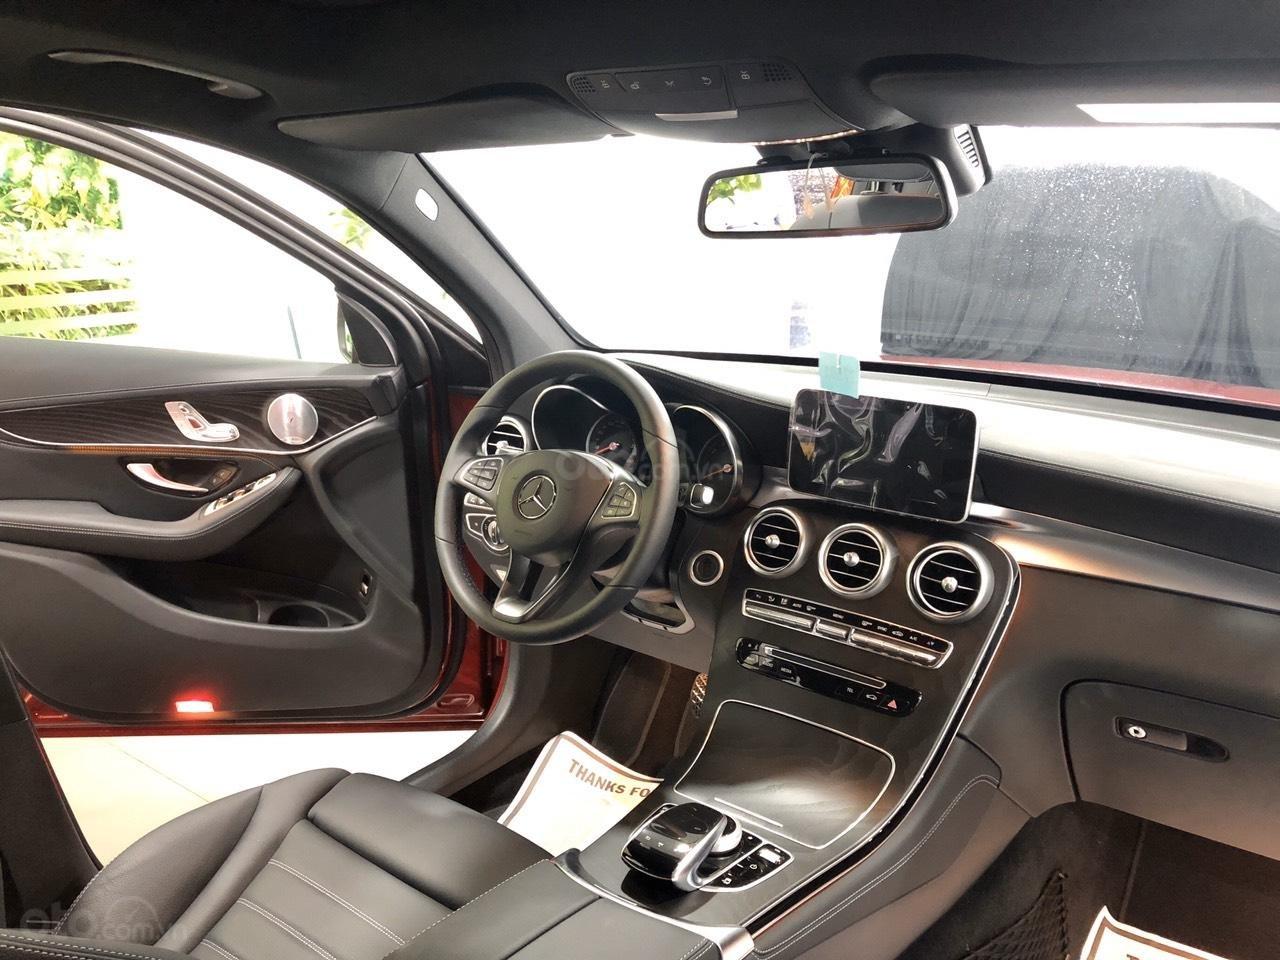 Cần bán nhanh chiếc Mercedes GLC - Class 300 AMG, năm 2019 - Có sẵn xe - Giao nhanh toàn quốc (9)